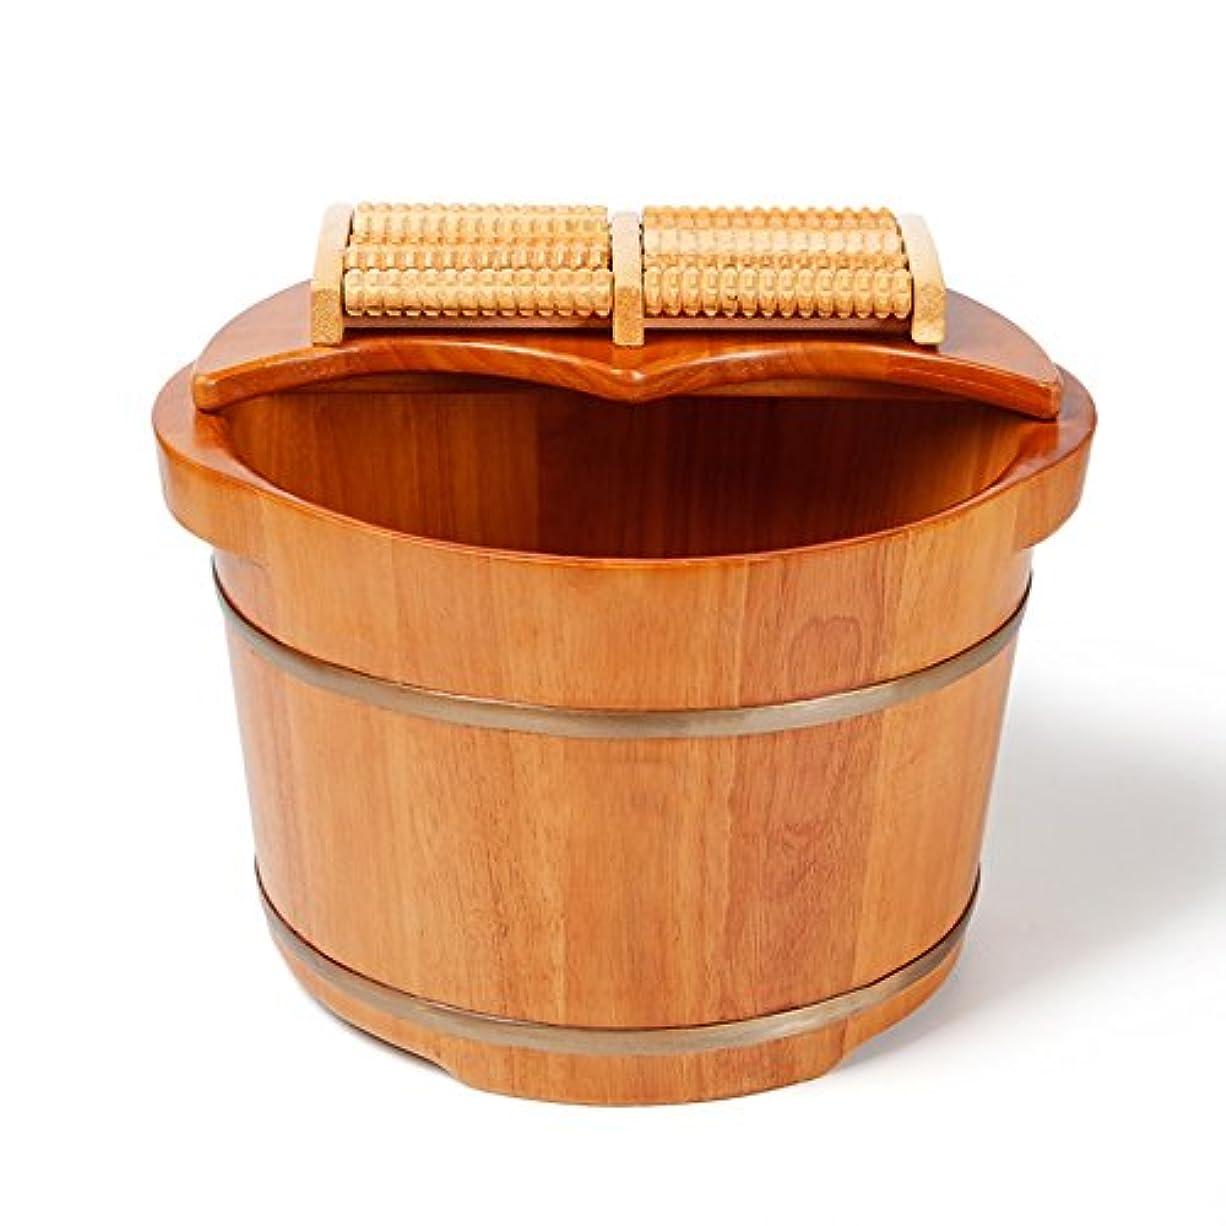 ごみ優勢試用C&L 足の浴槽、木製の足の洗面器足のバレルの足のマッサージの足の洗面器カバーの足の浴槽38 * 31 * 26cm ( サイズ さいず : 38*31*26cm )